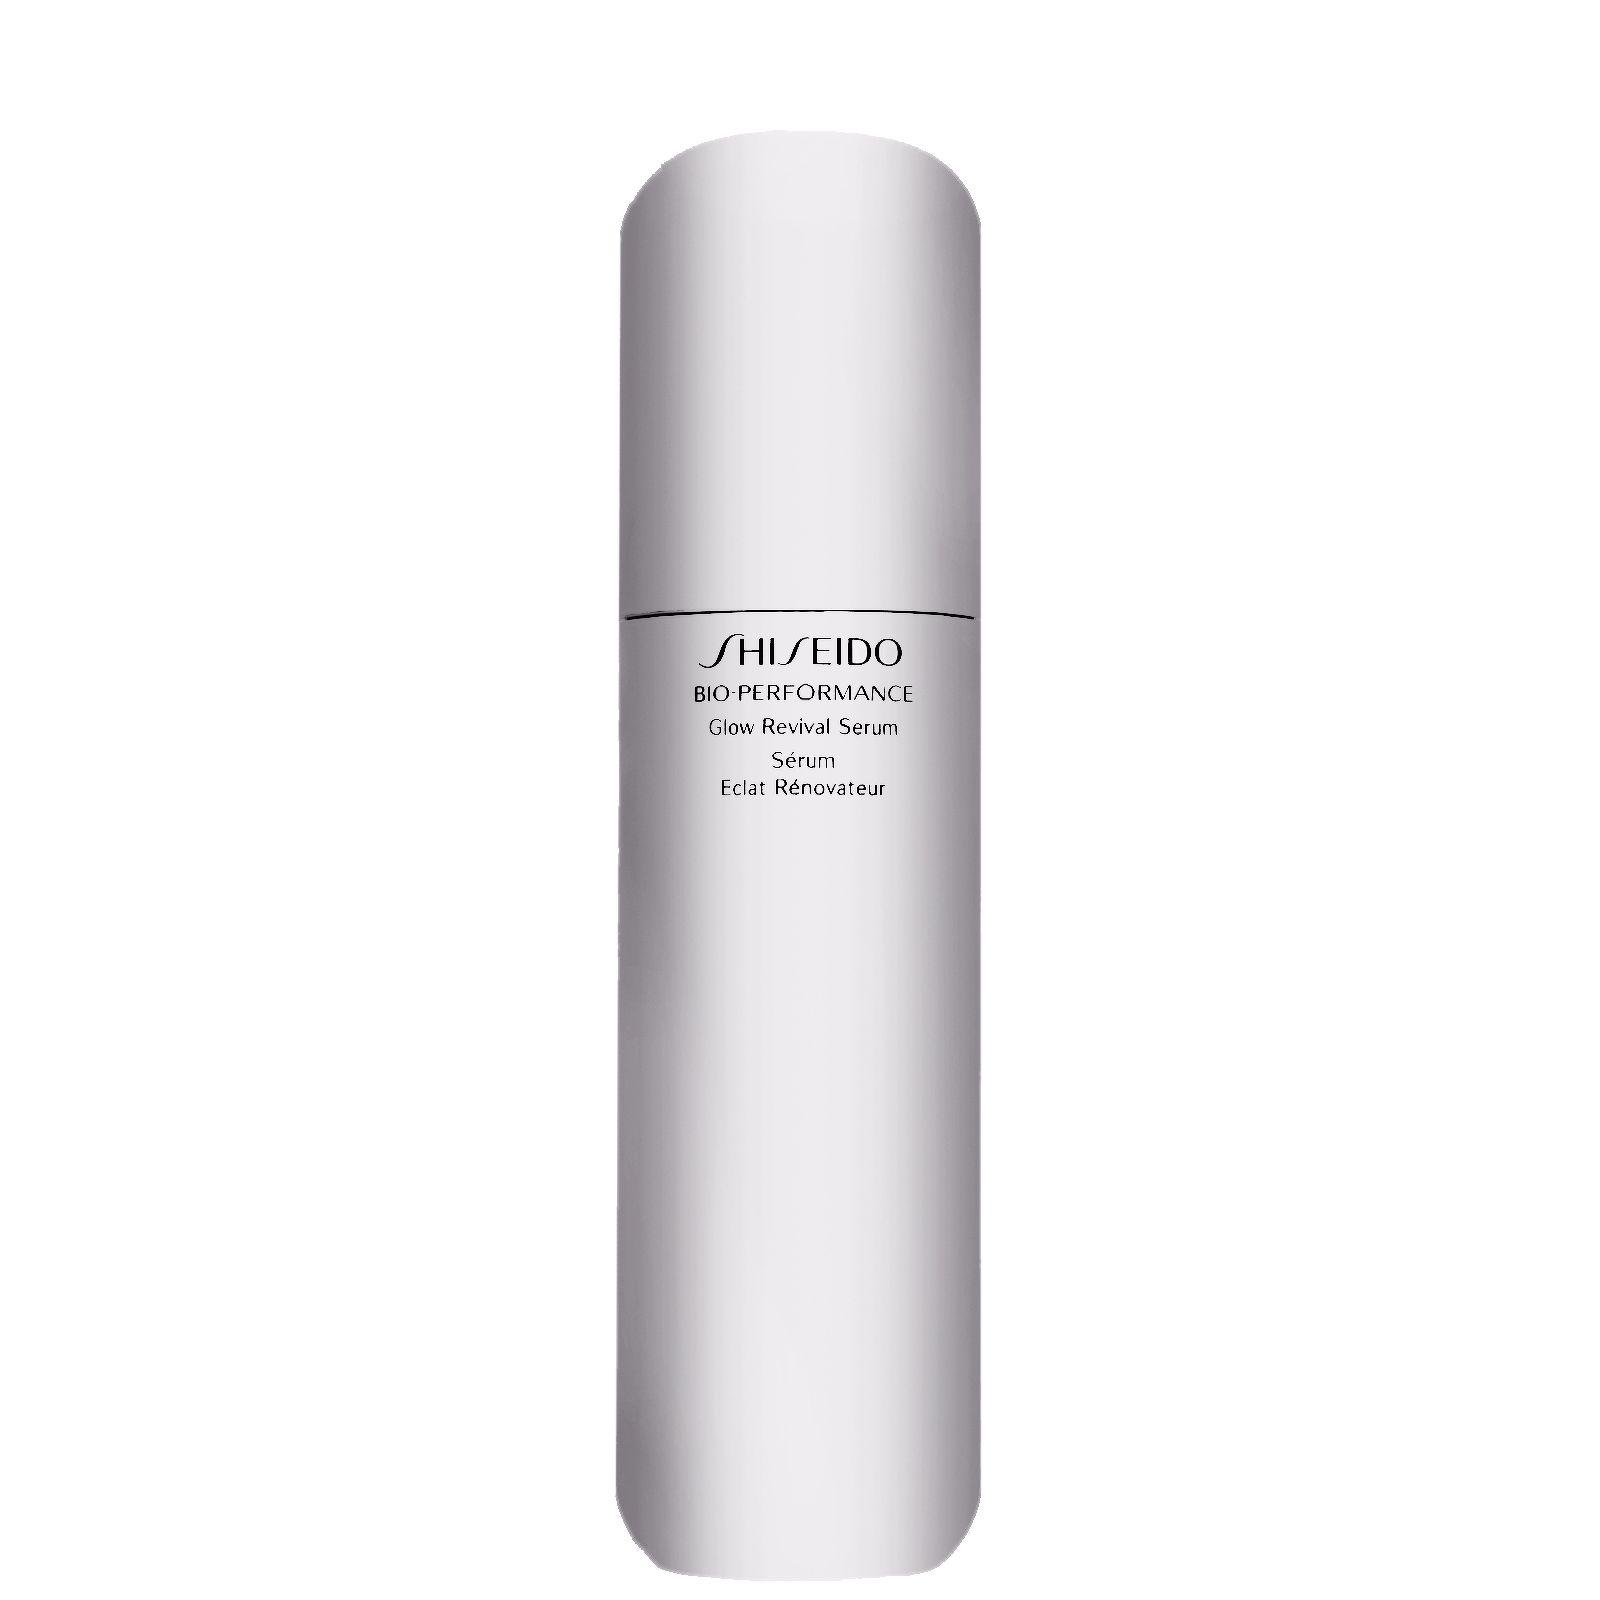 Shiseido Bio-Performance Glow Revival Serum 50ml / 1.6 fl.oz.